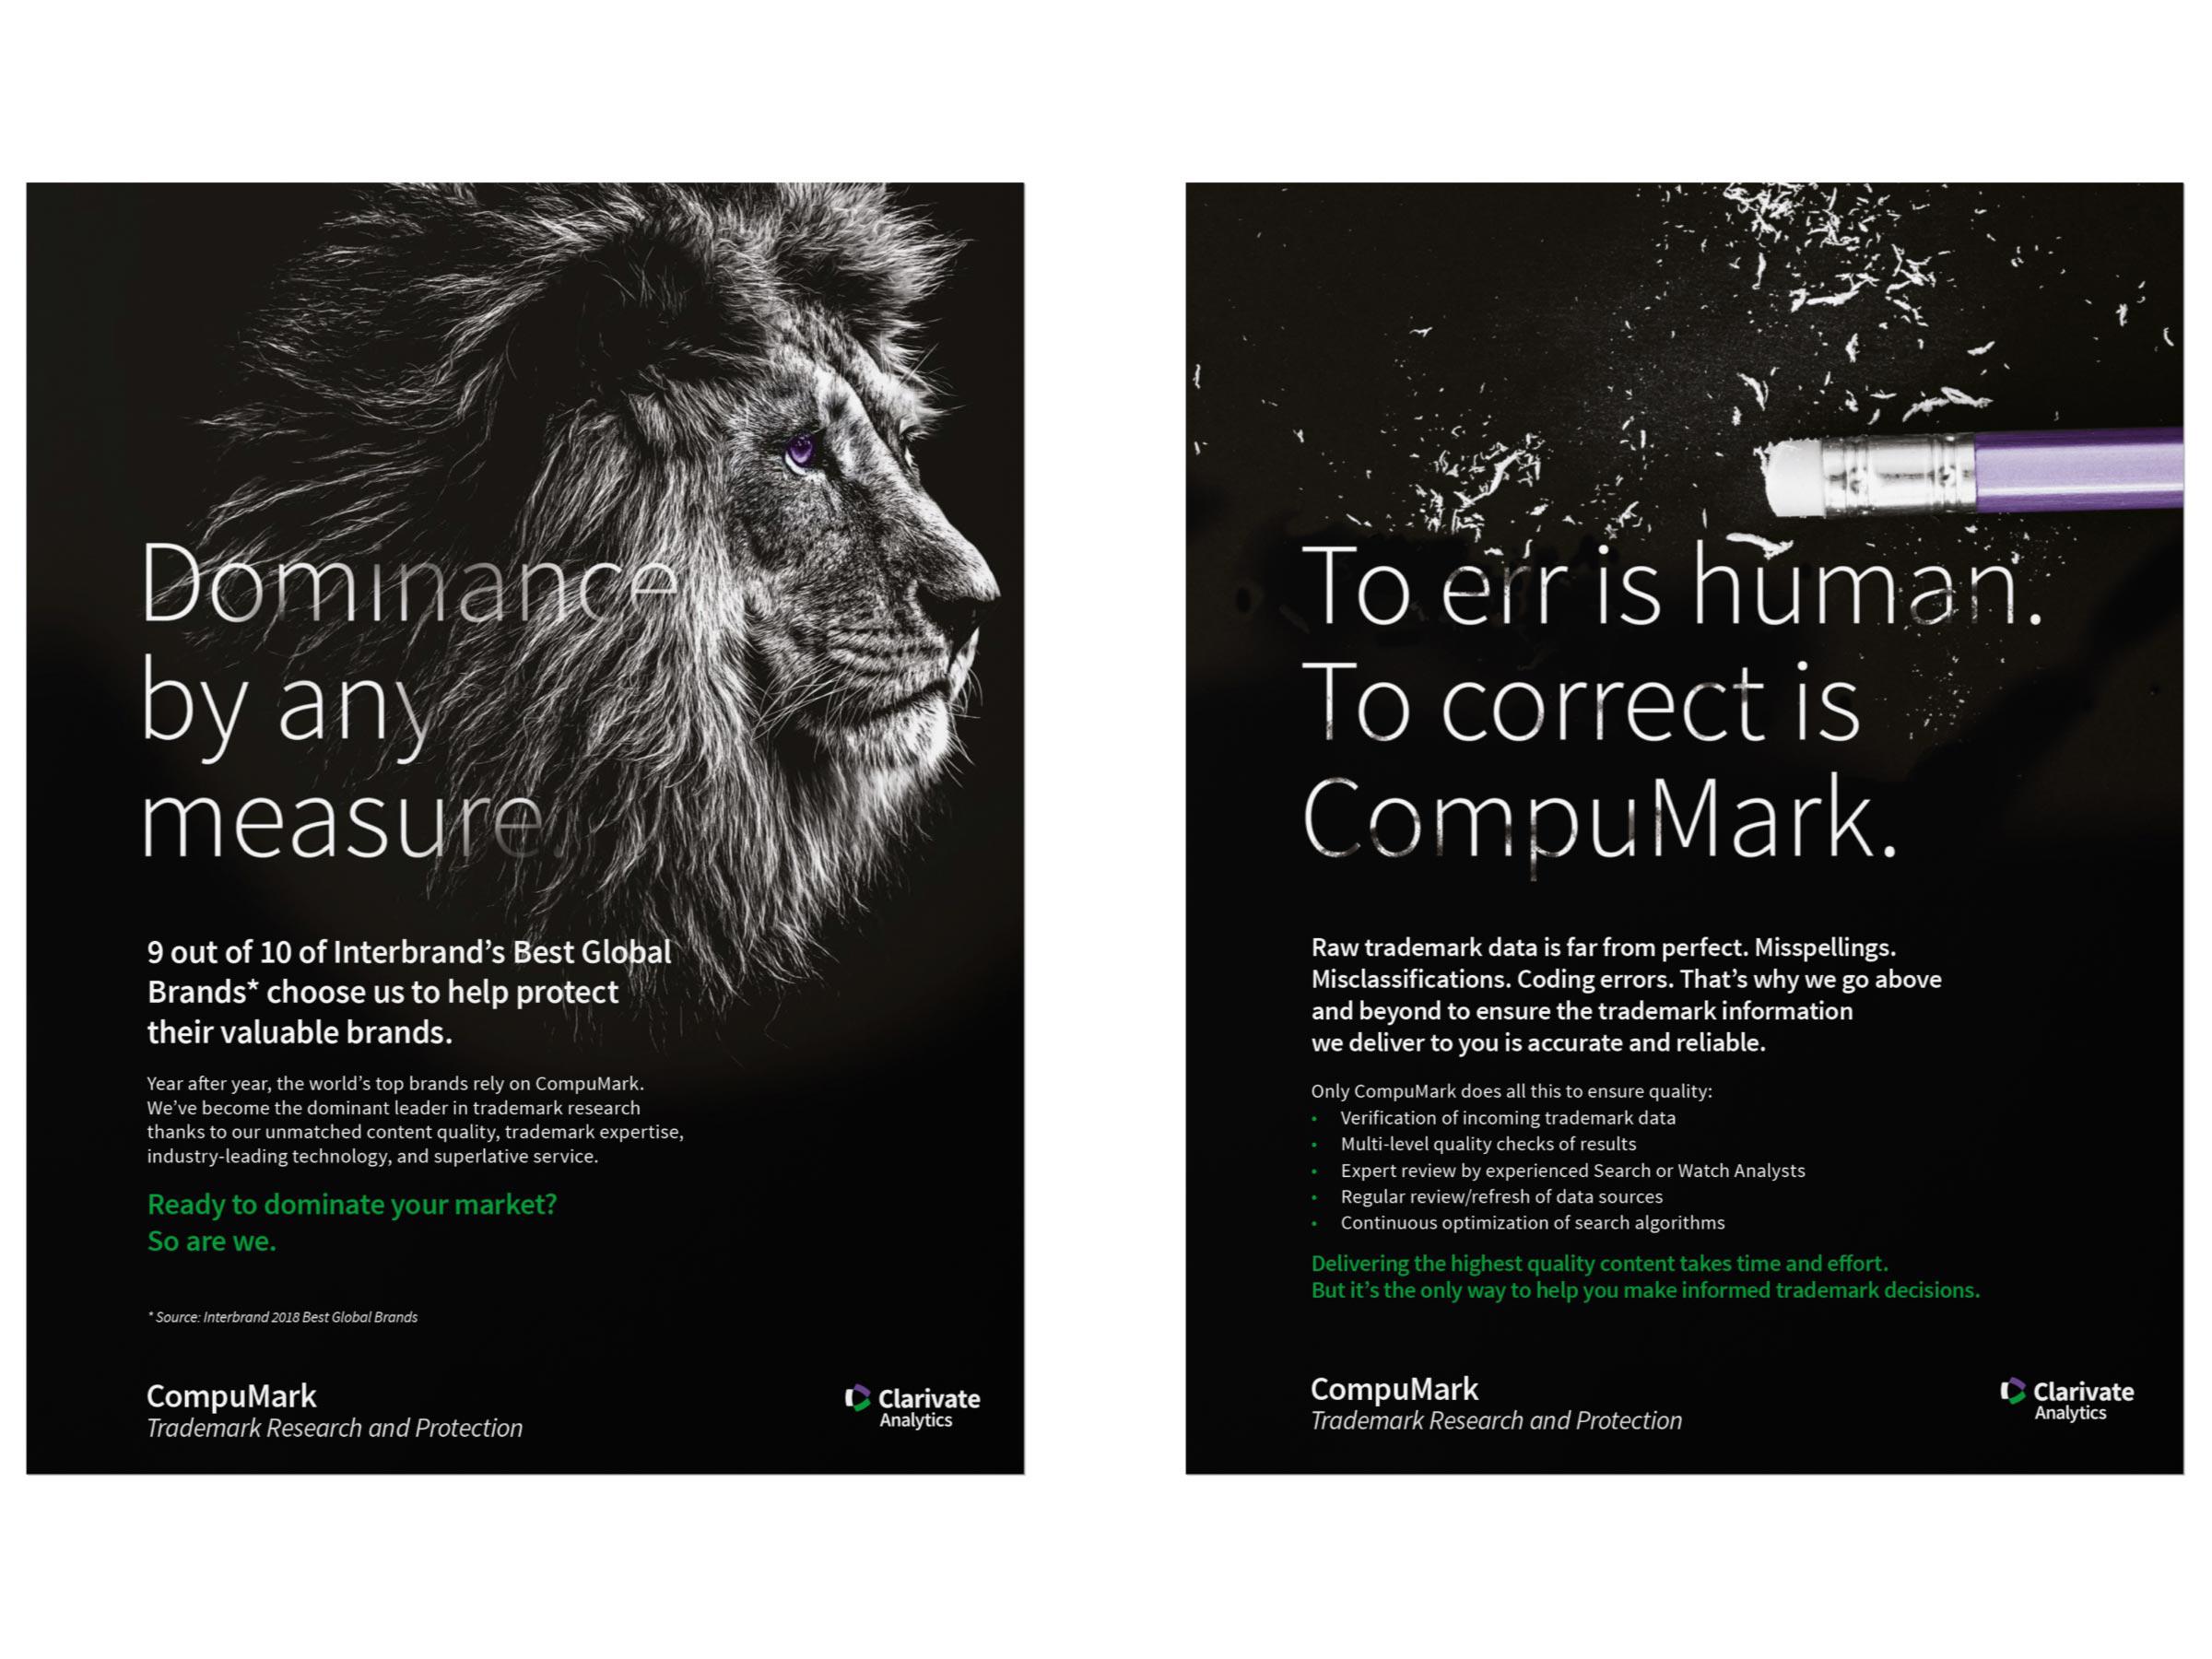 Clarivate Ad Campaign ad 3